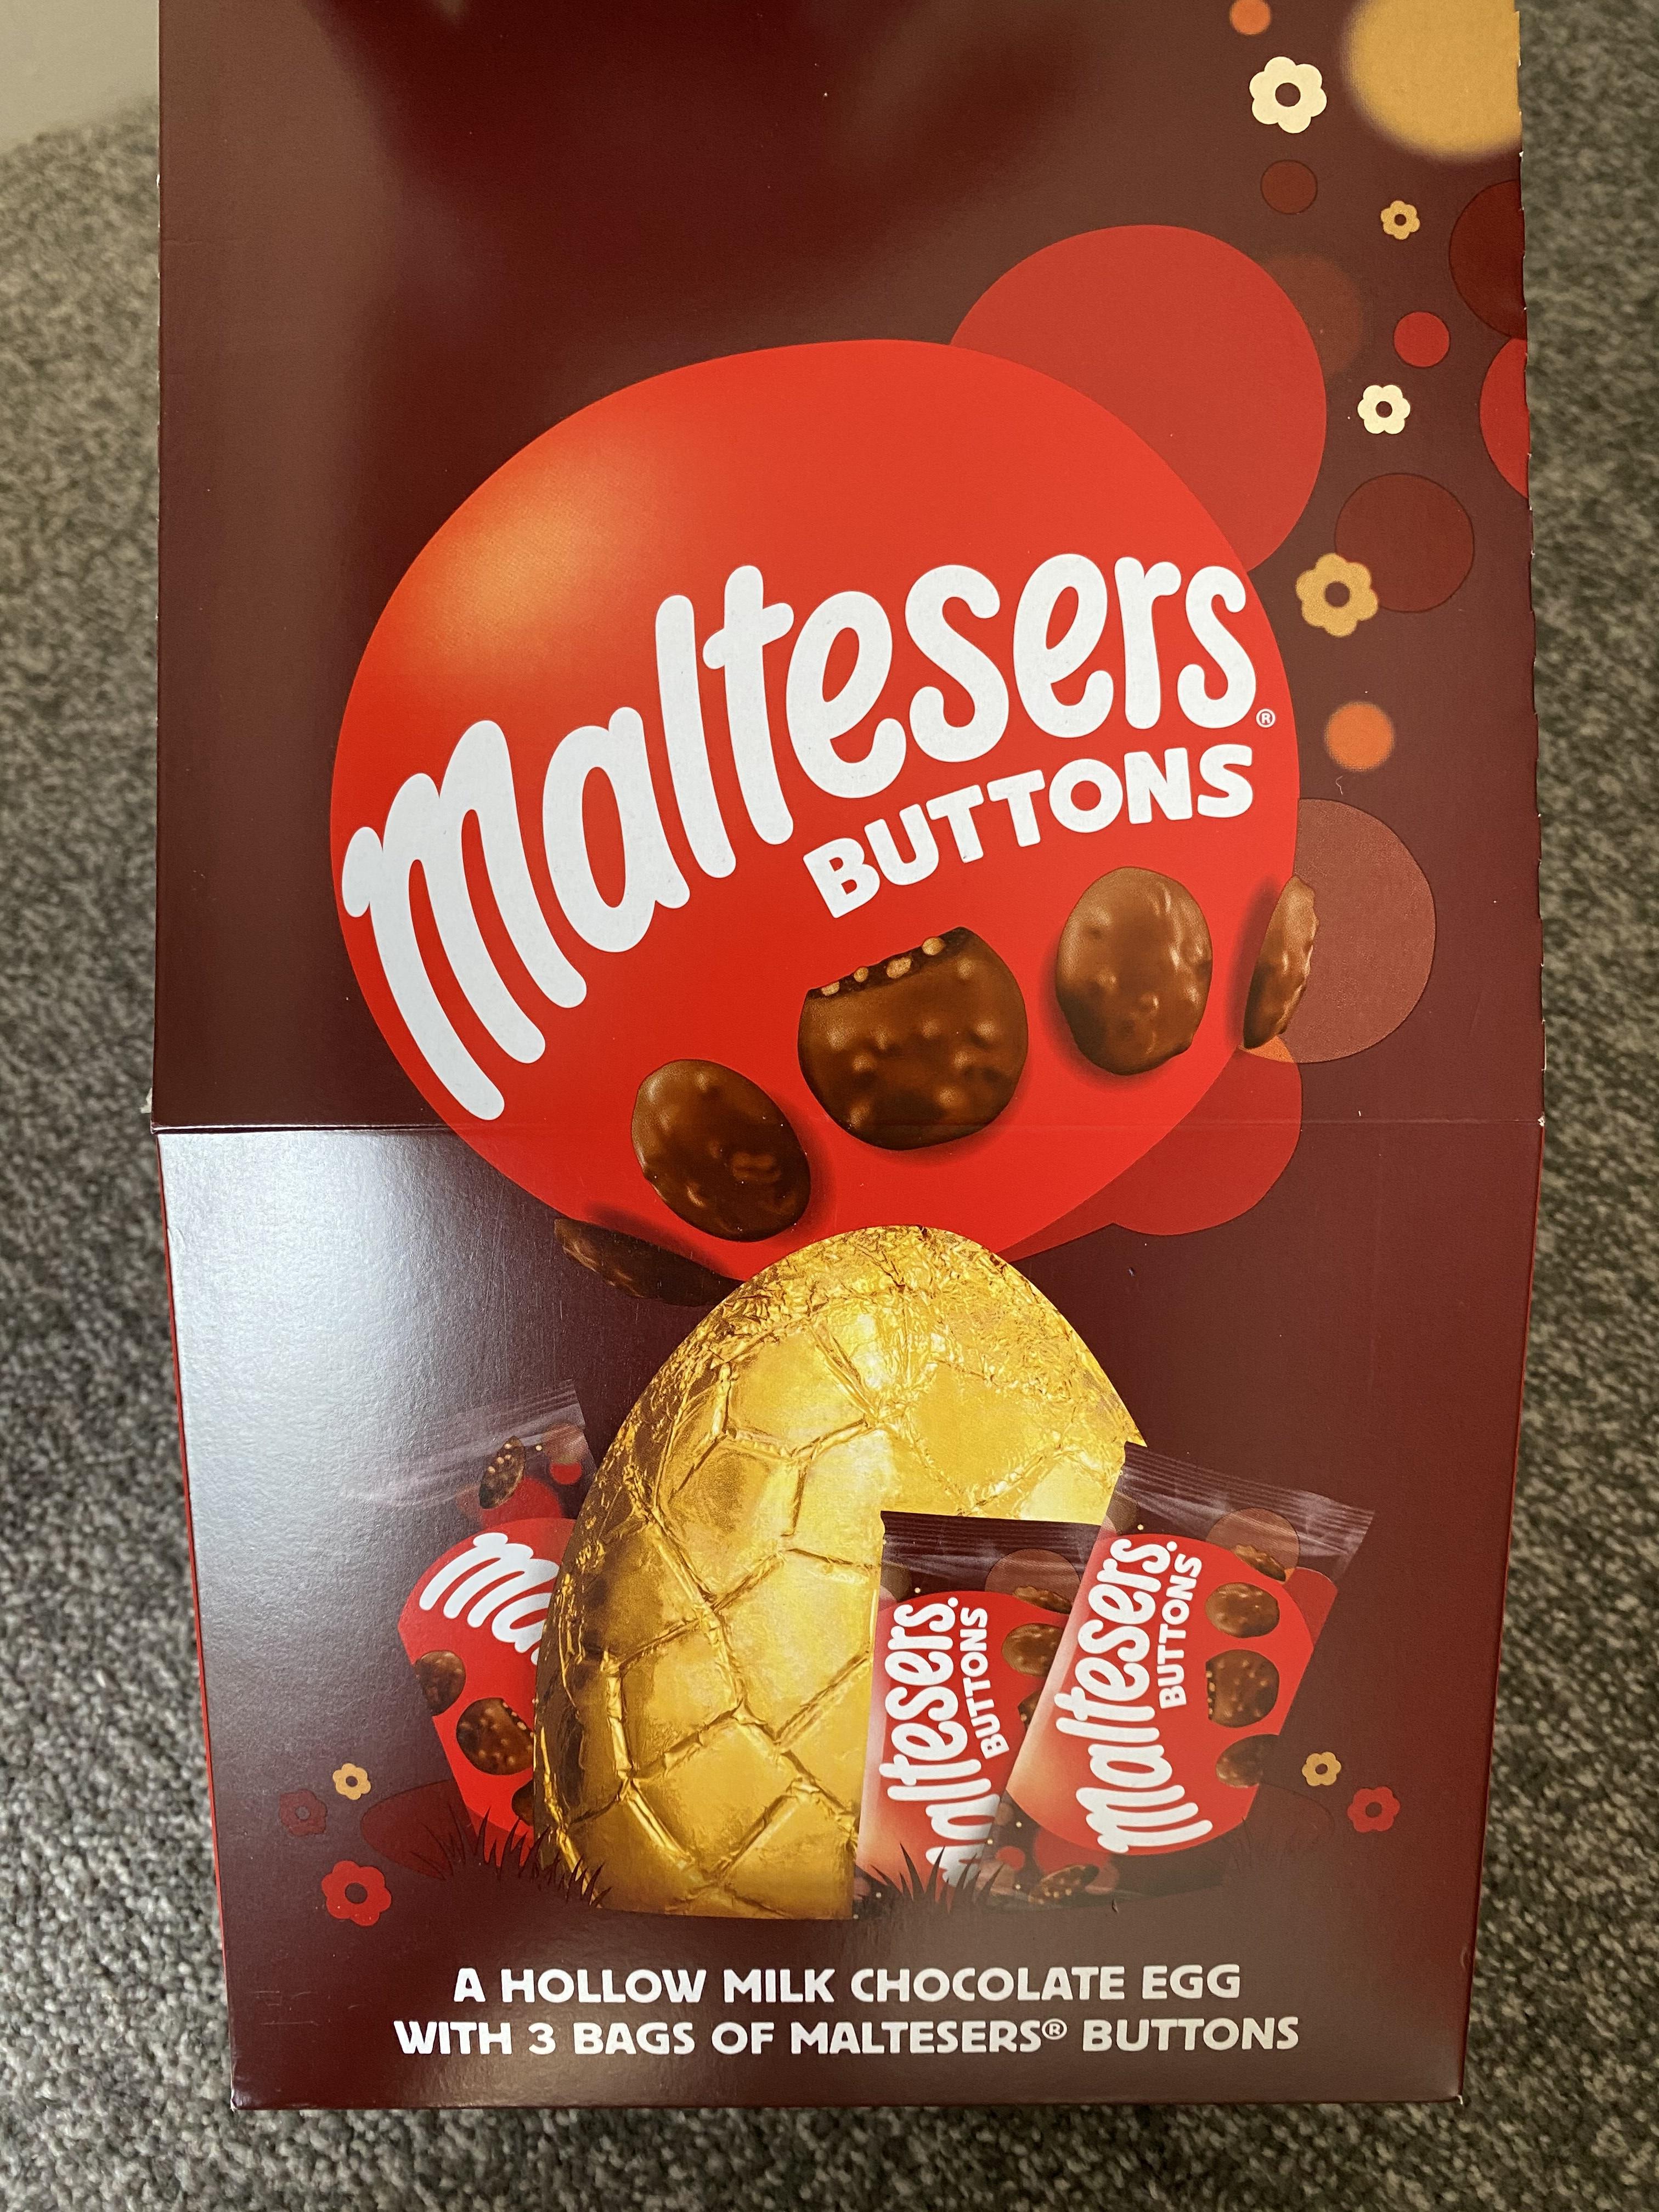 Malteaser Buttons Easter Egg - Morrison's - £1